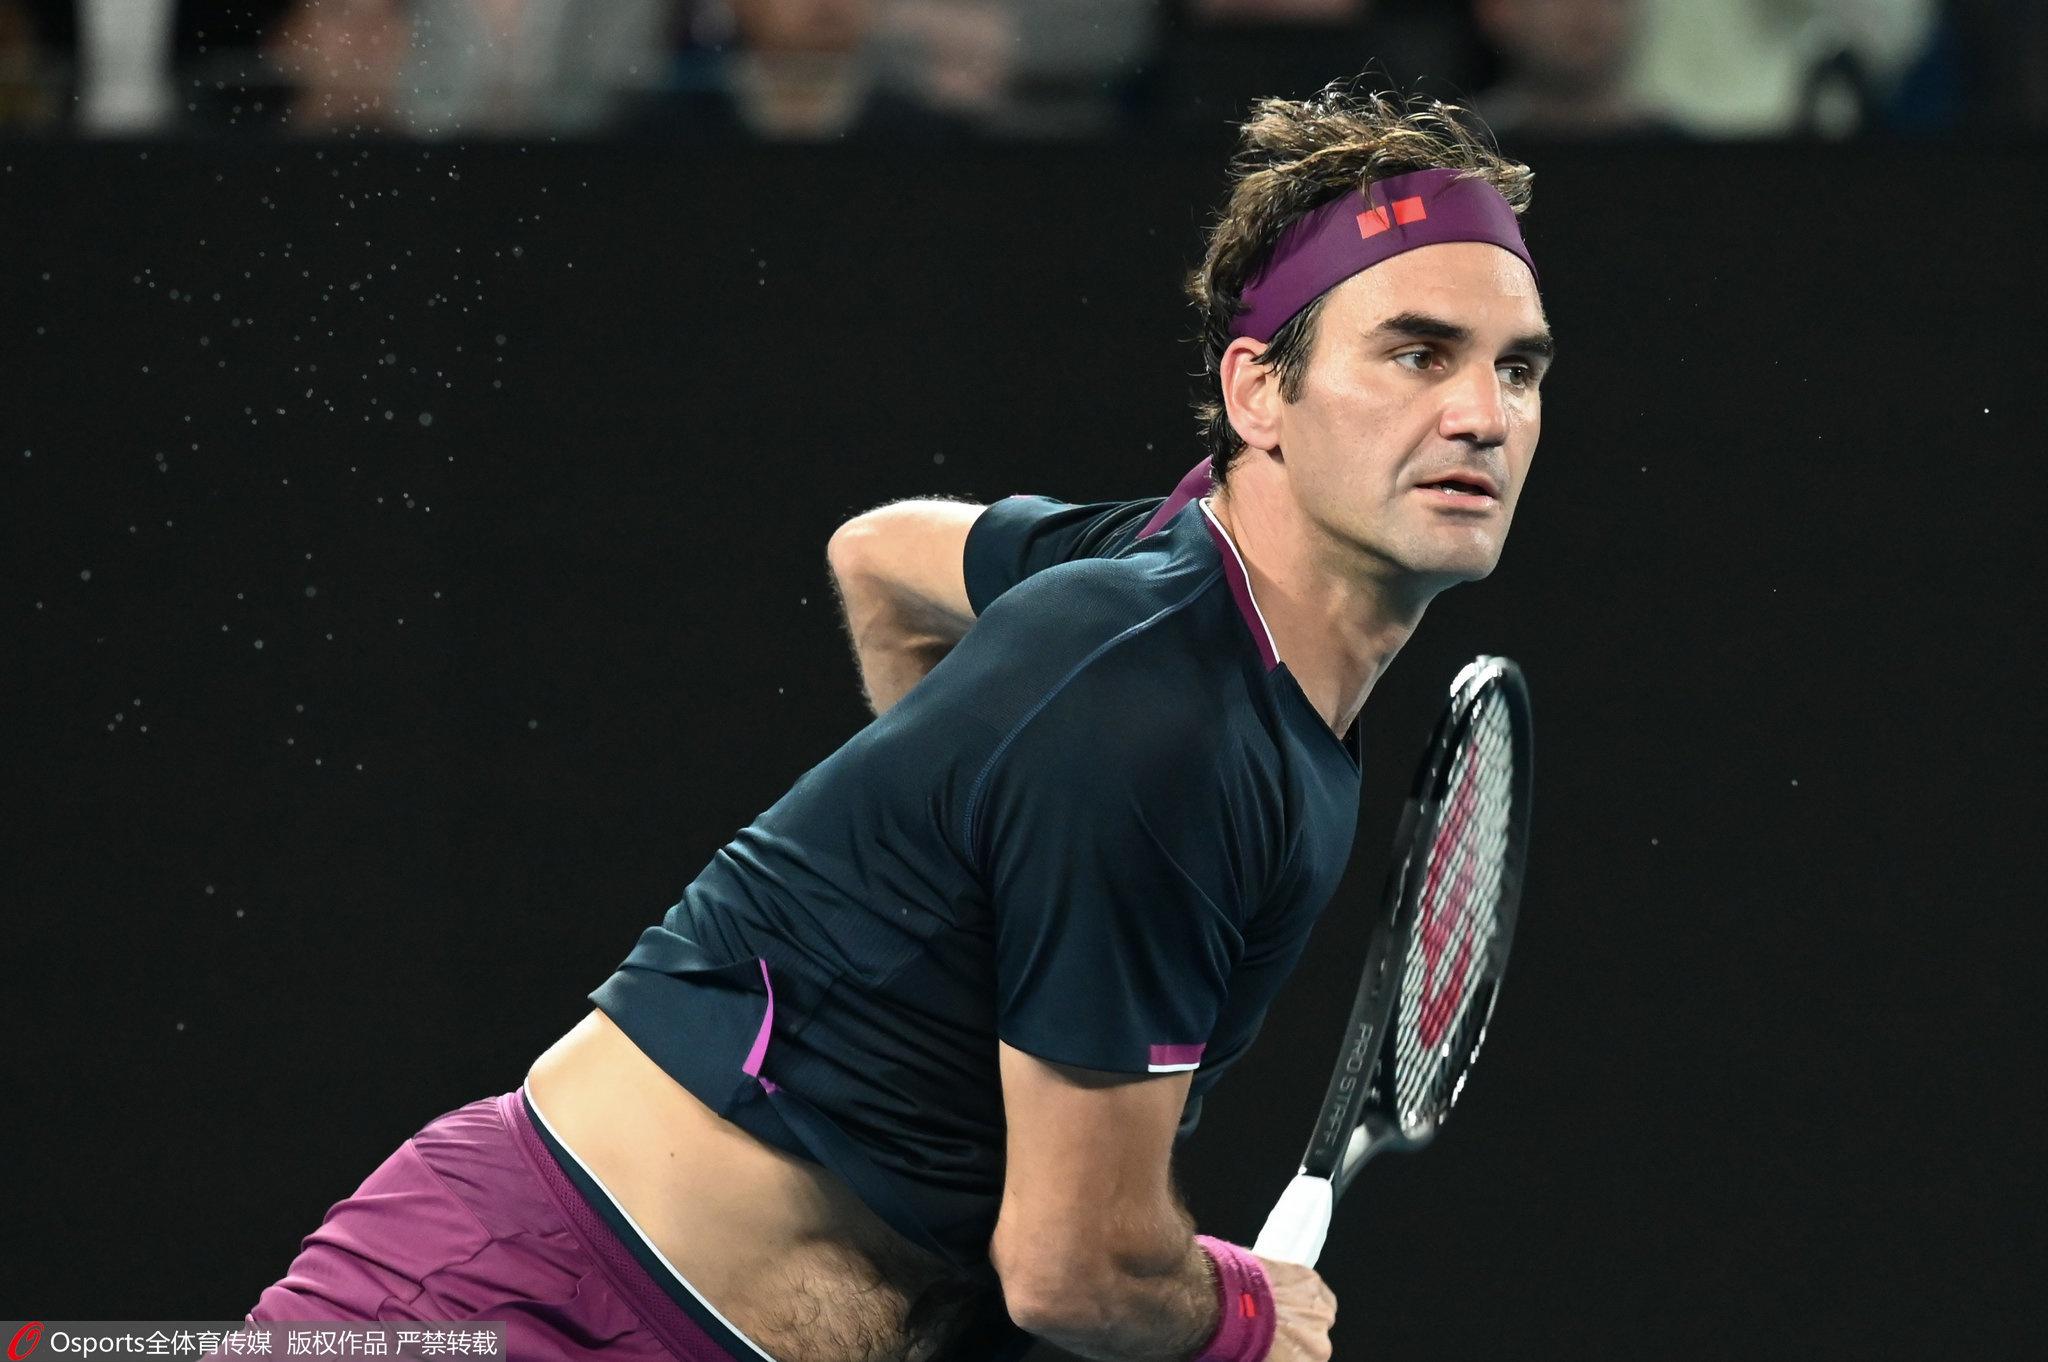 费德勒拿下澳网第99胜,通往半决赛之路更为平坦图片